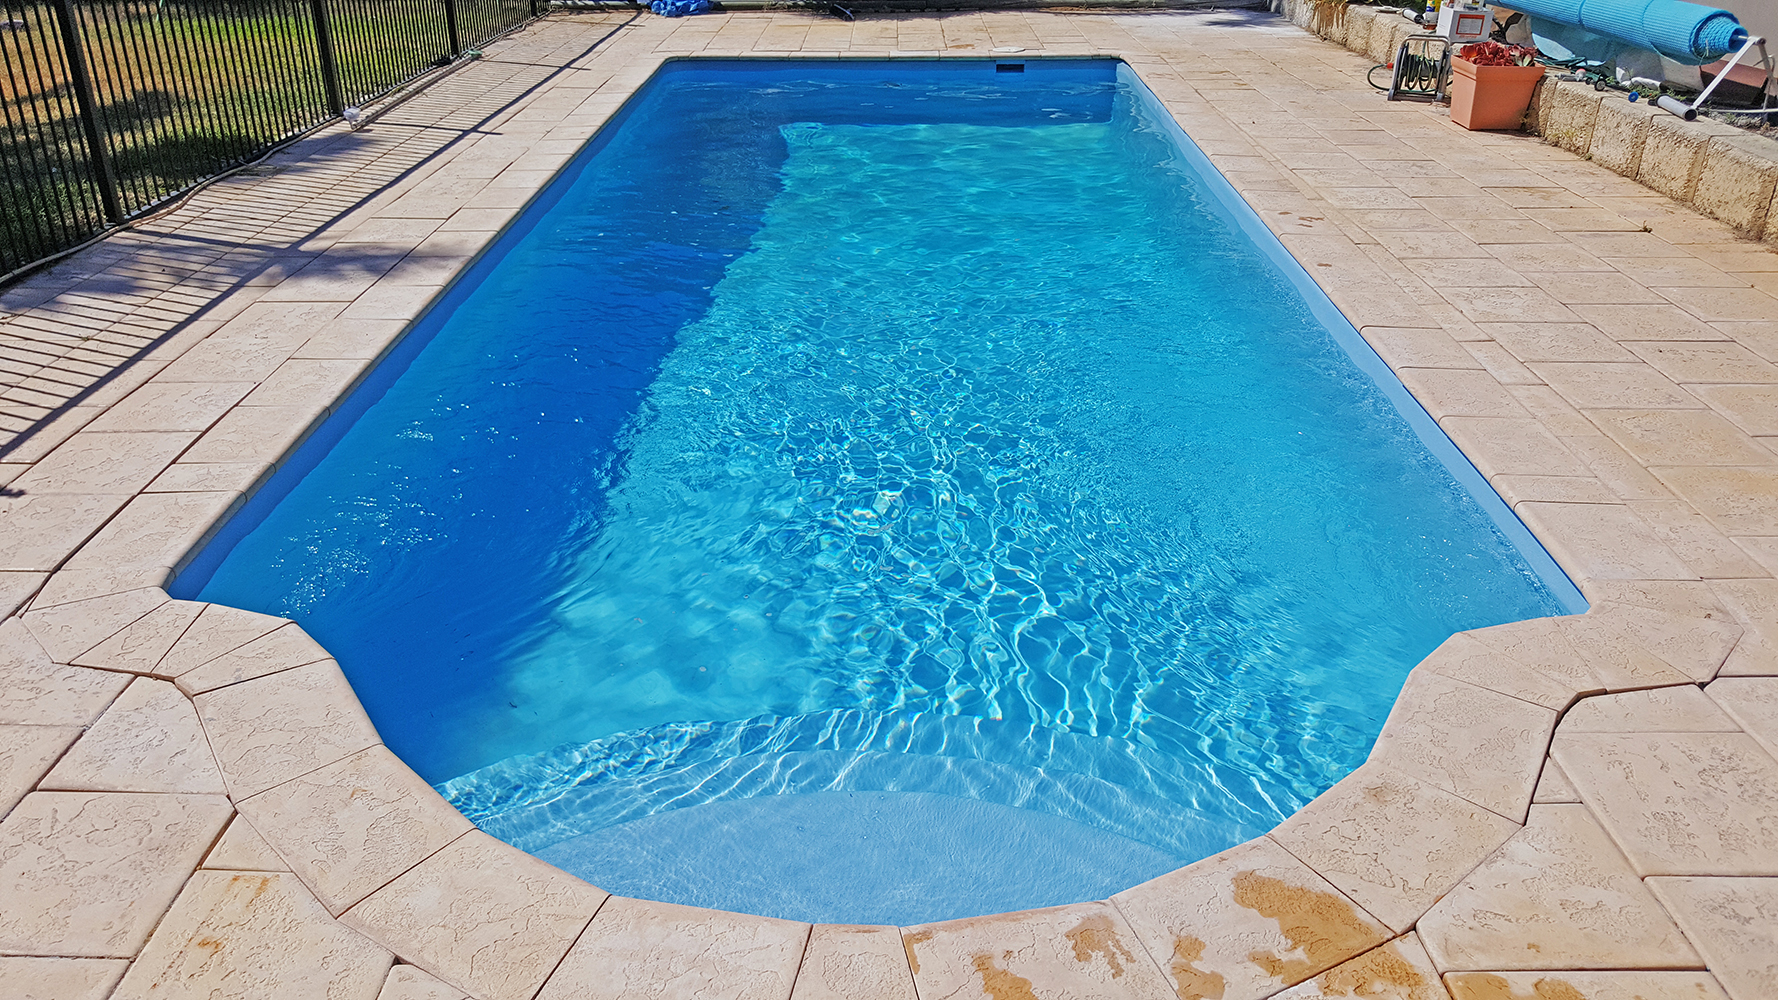 Fibreglass Pool Resurfacing And Repairs In Perth Pools 101